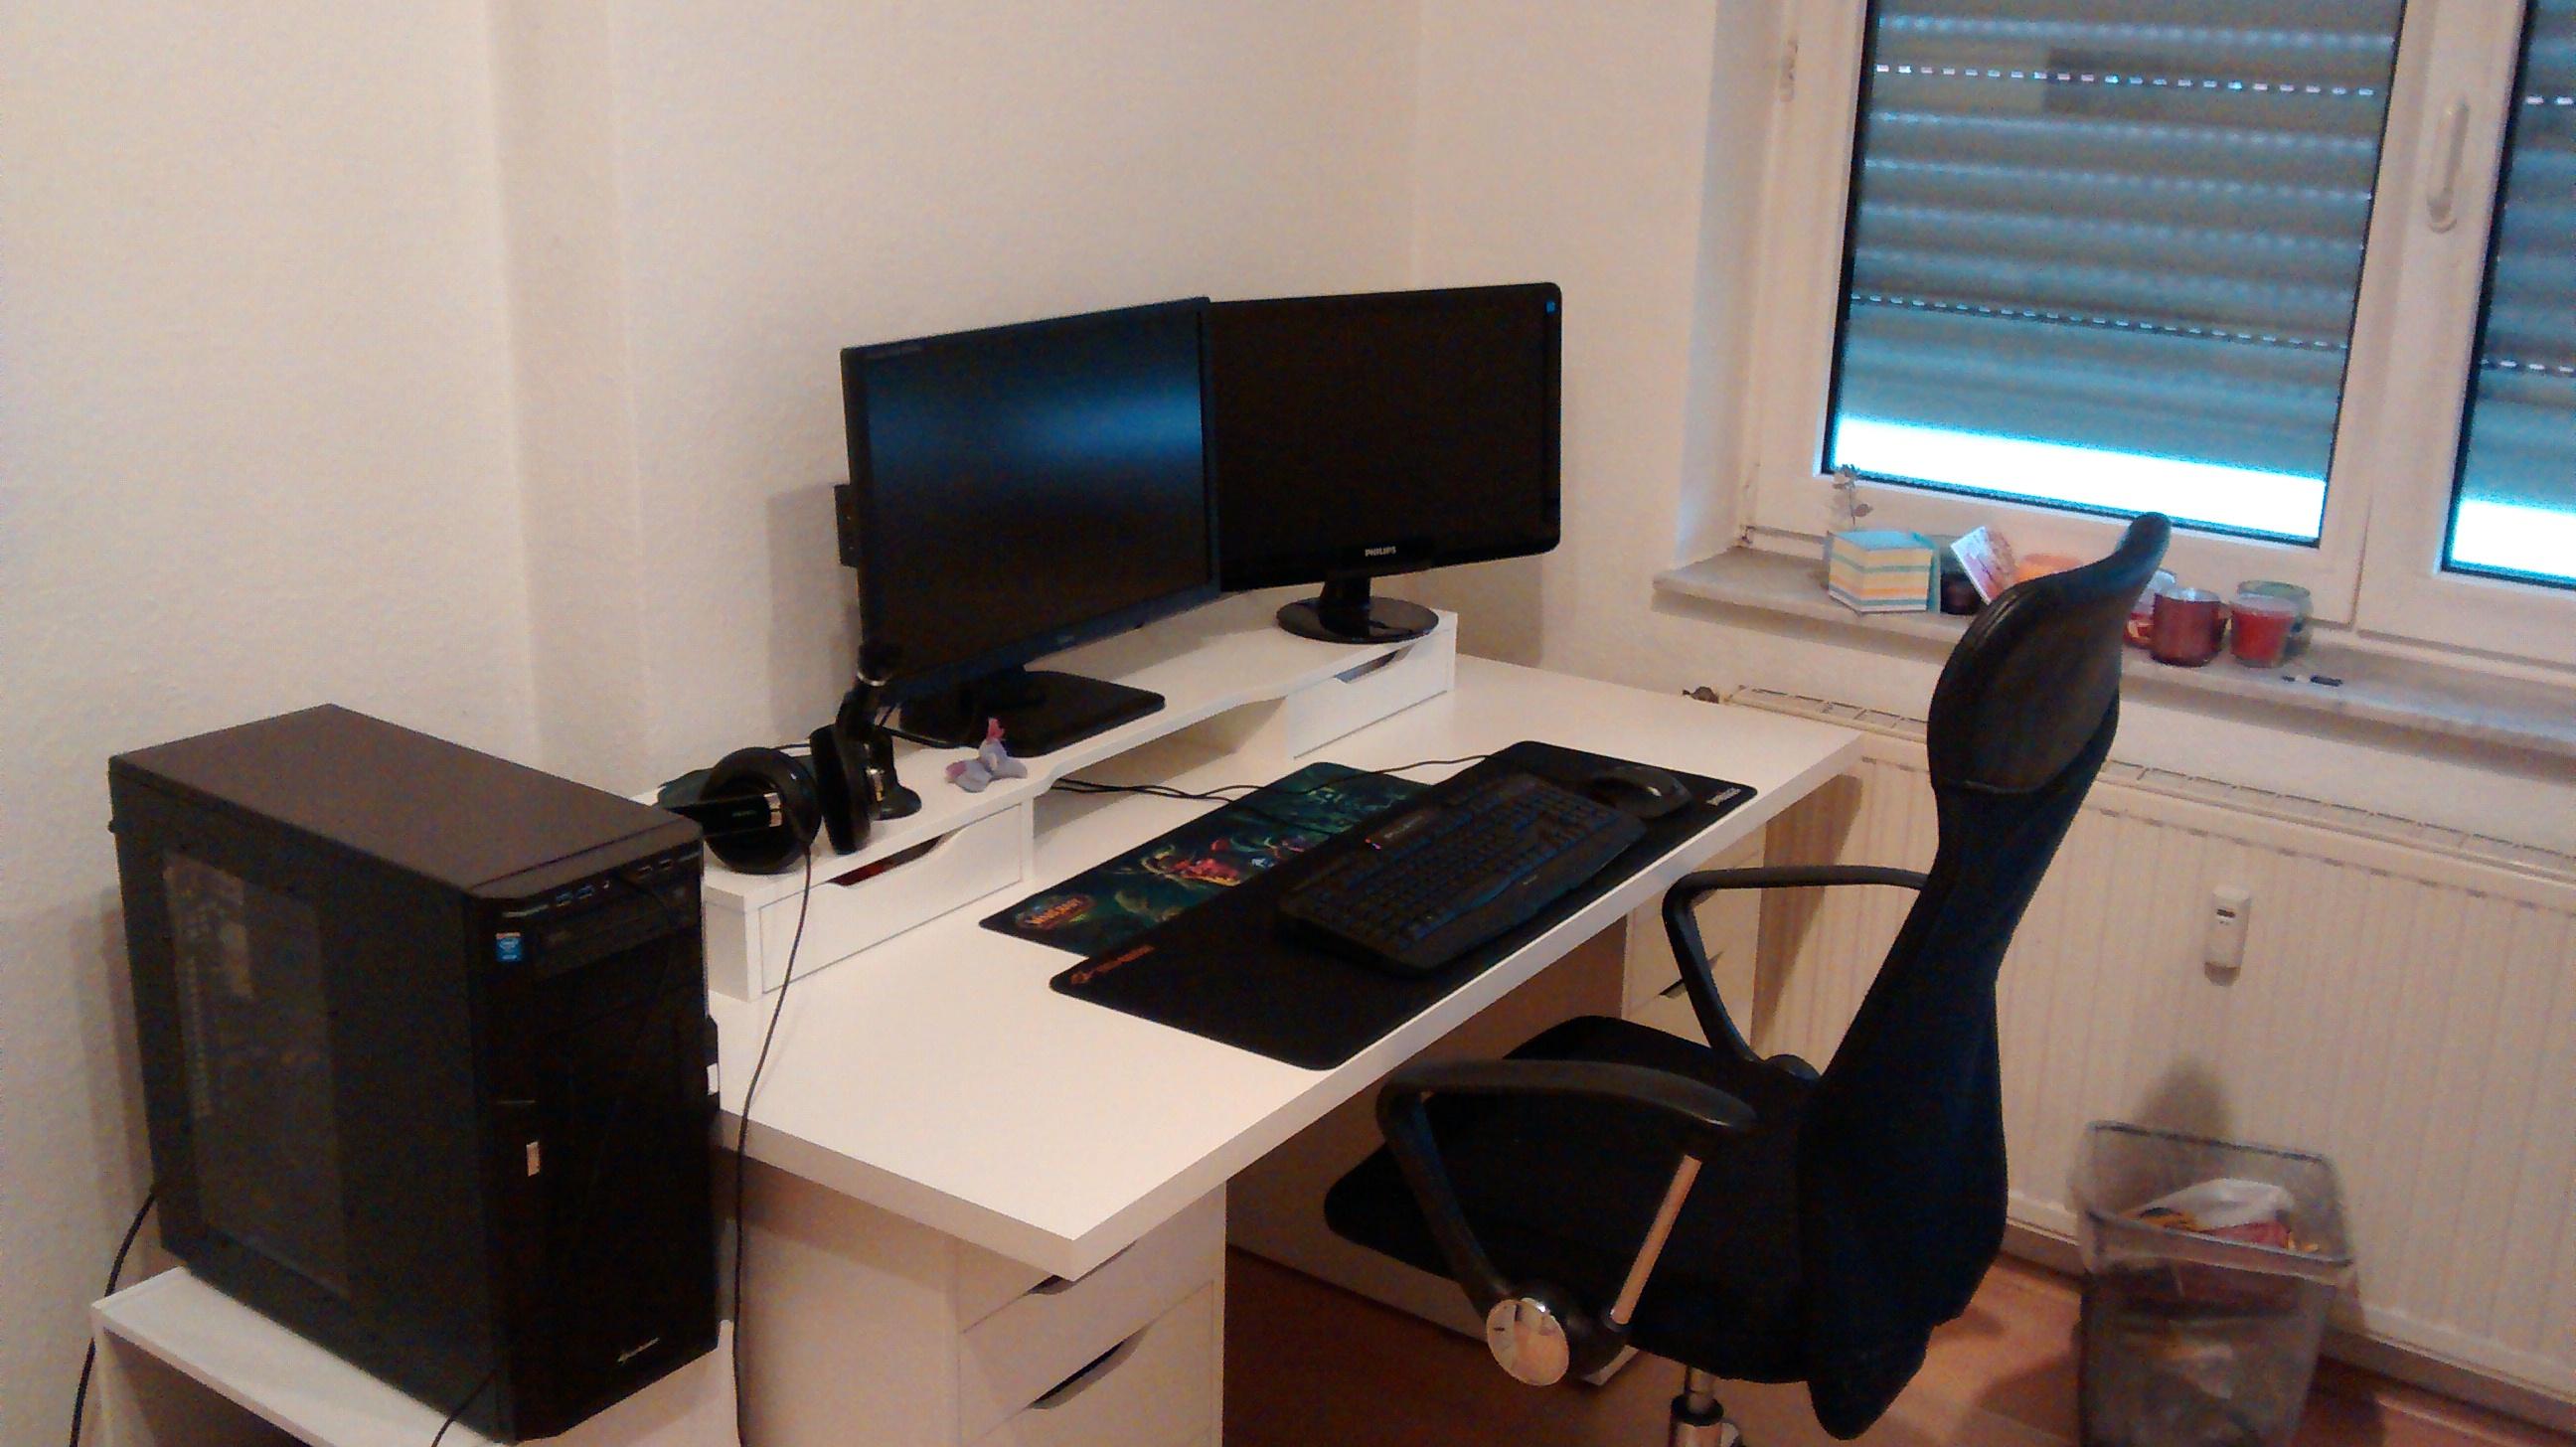 Pc gamer schreibtisch  Schreibtisch